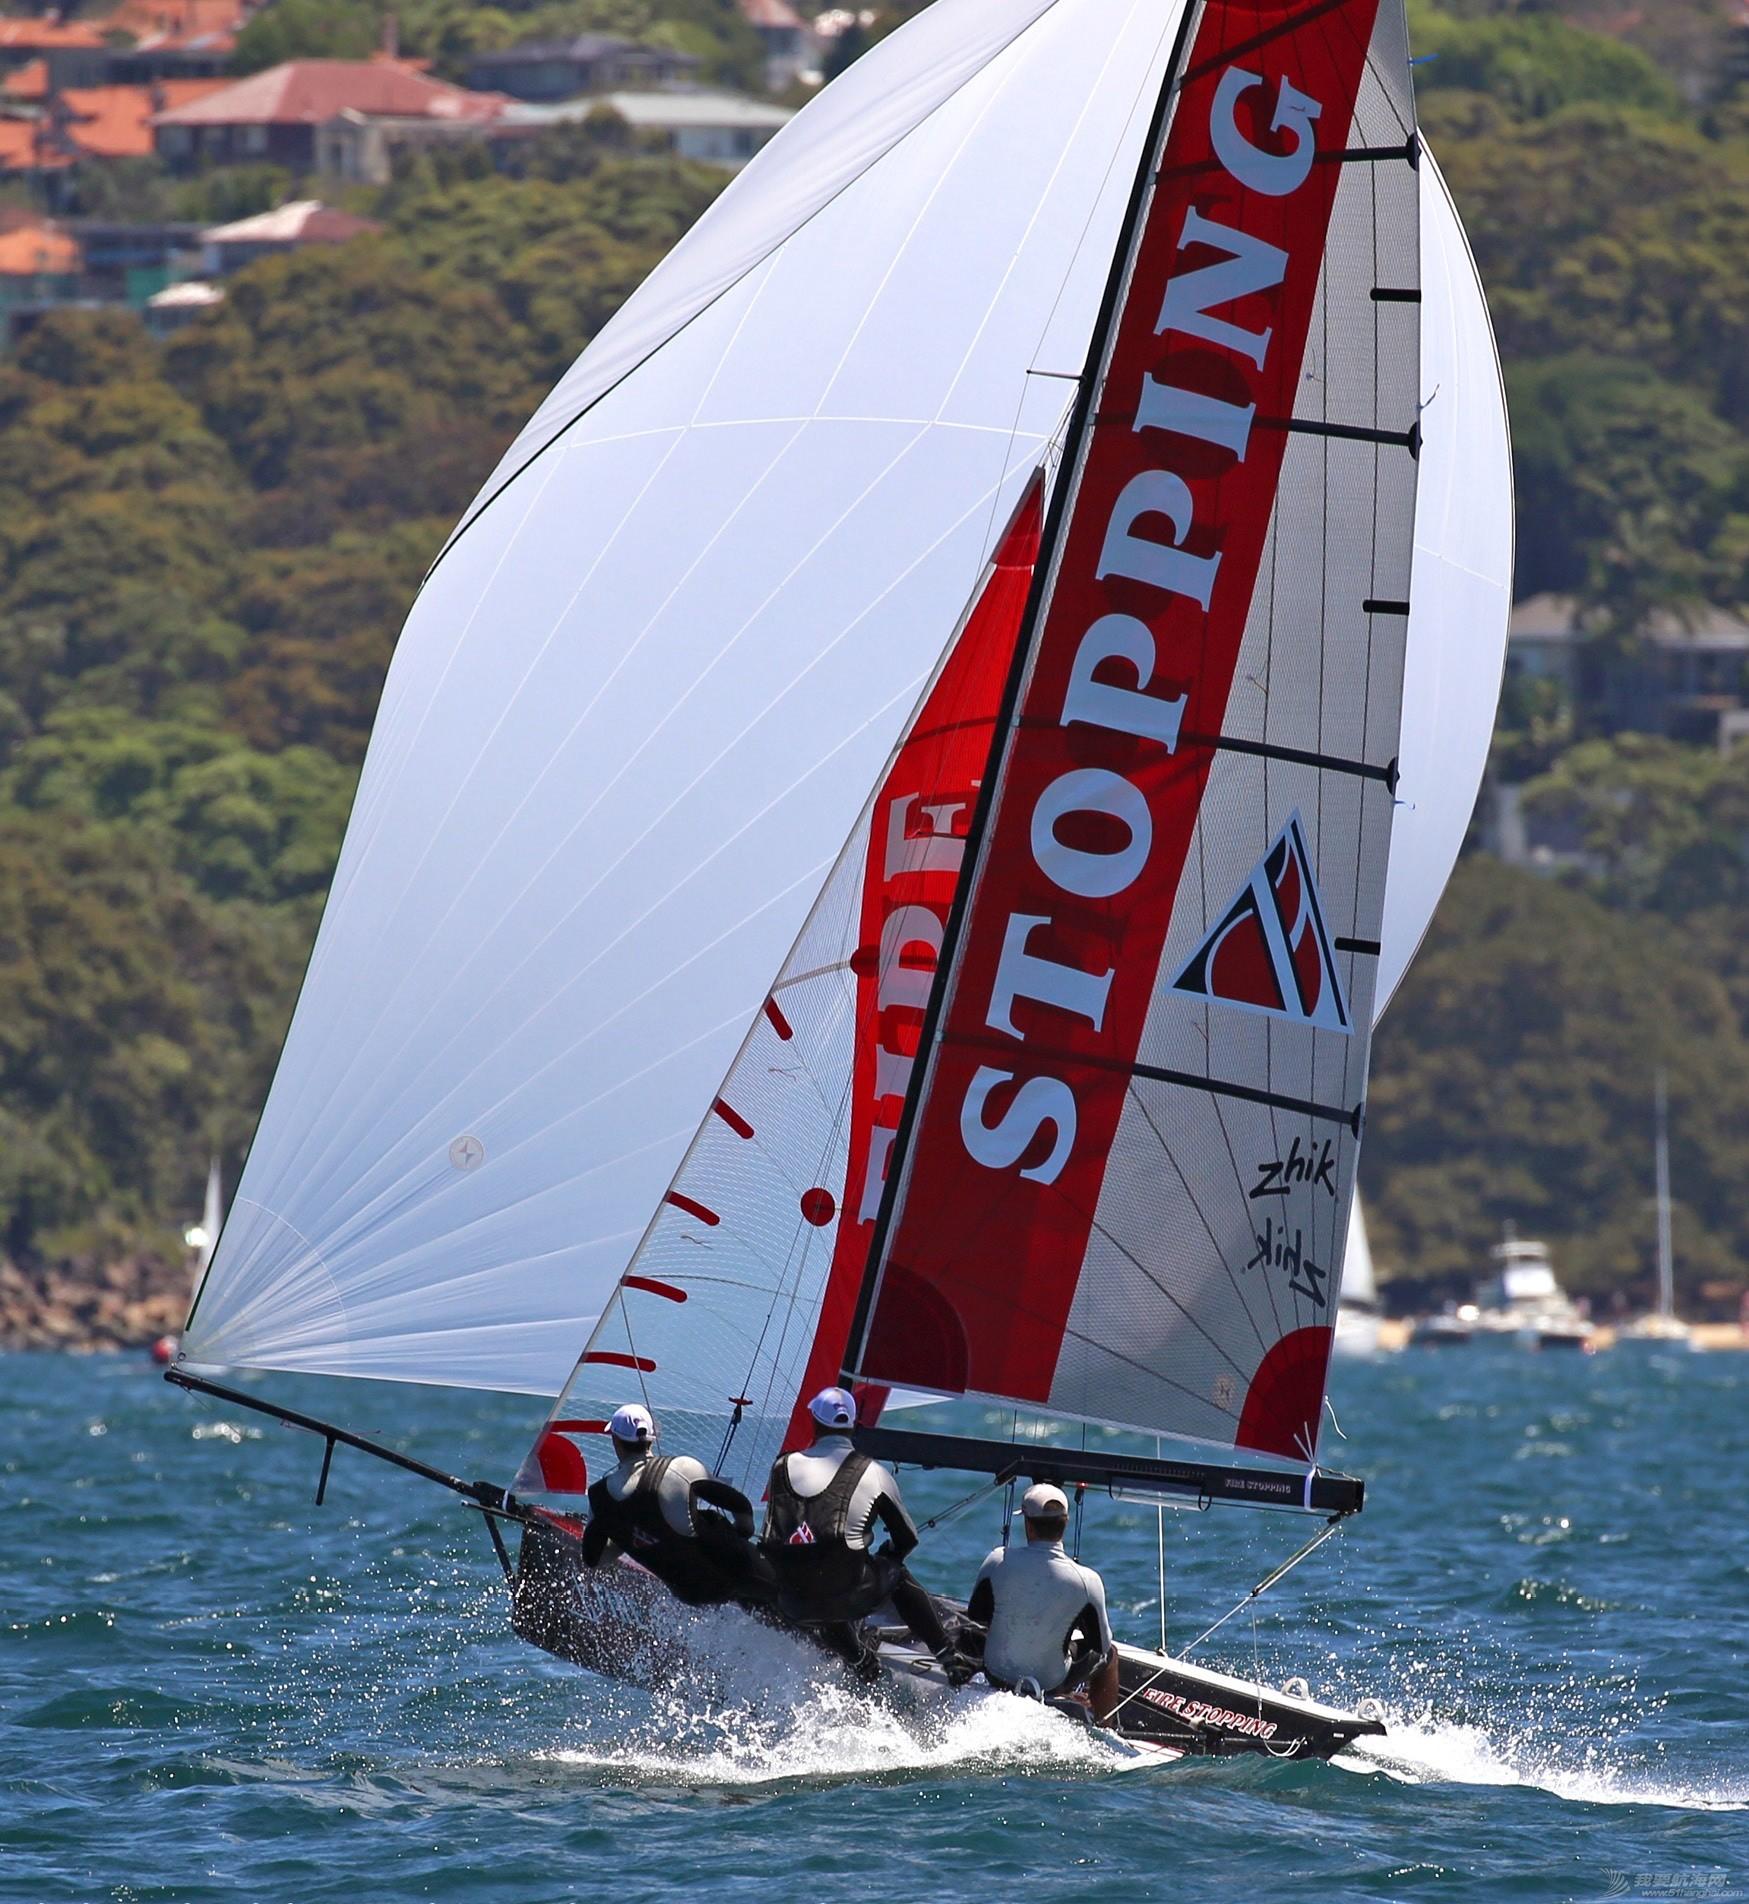 澳洲,帆船,澳大利亚,复合材料,有限公司 16尺帆船扬帆澳洲 Untitled.jpg